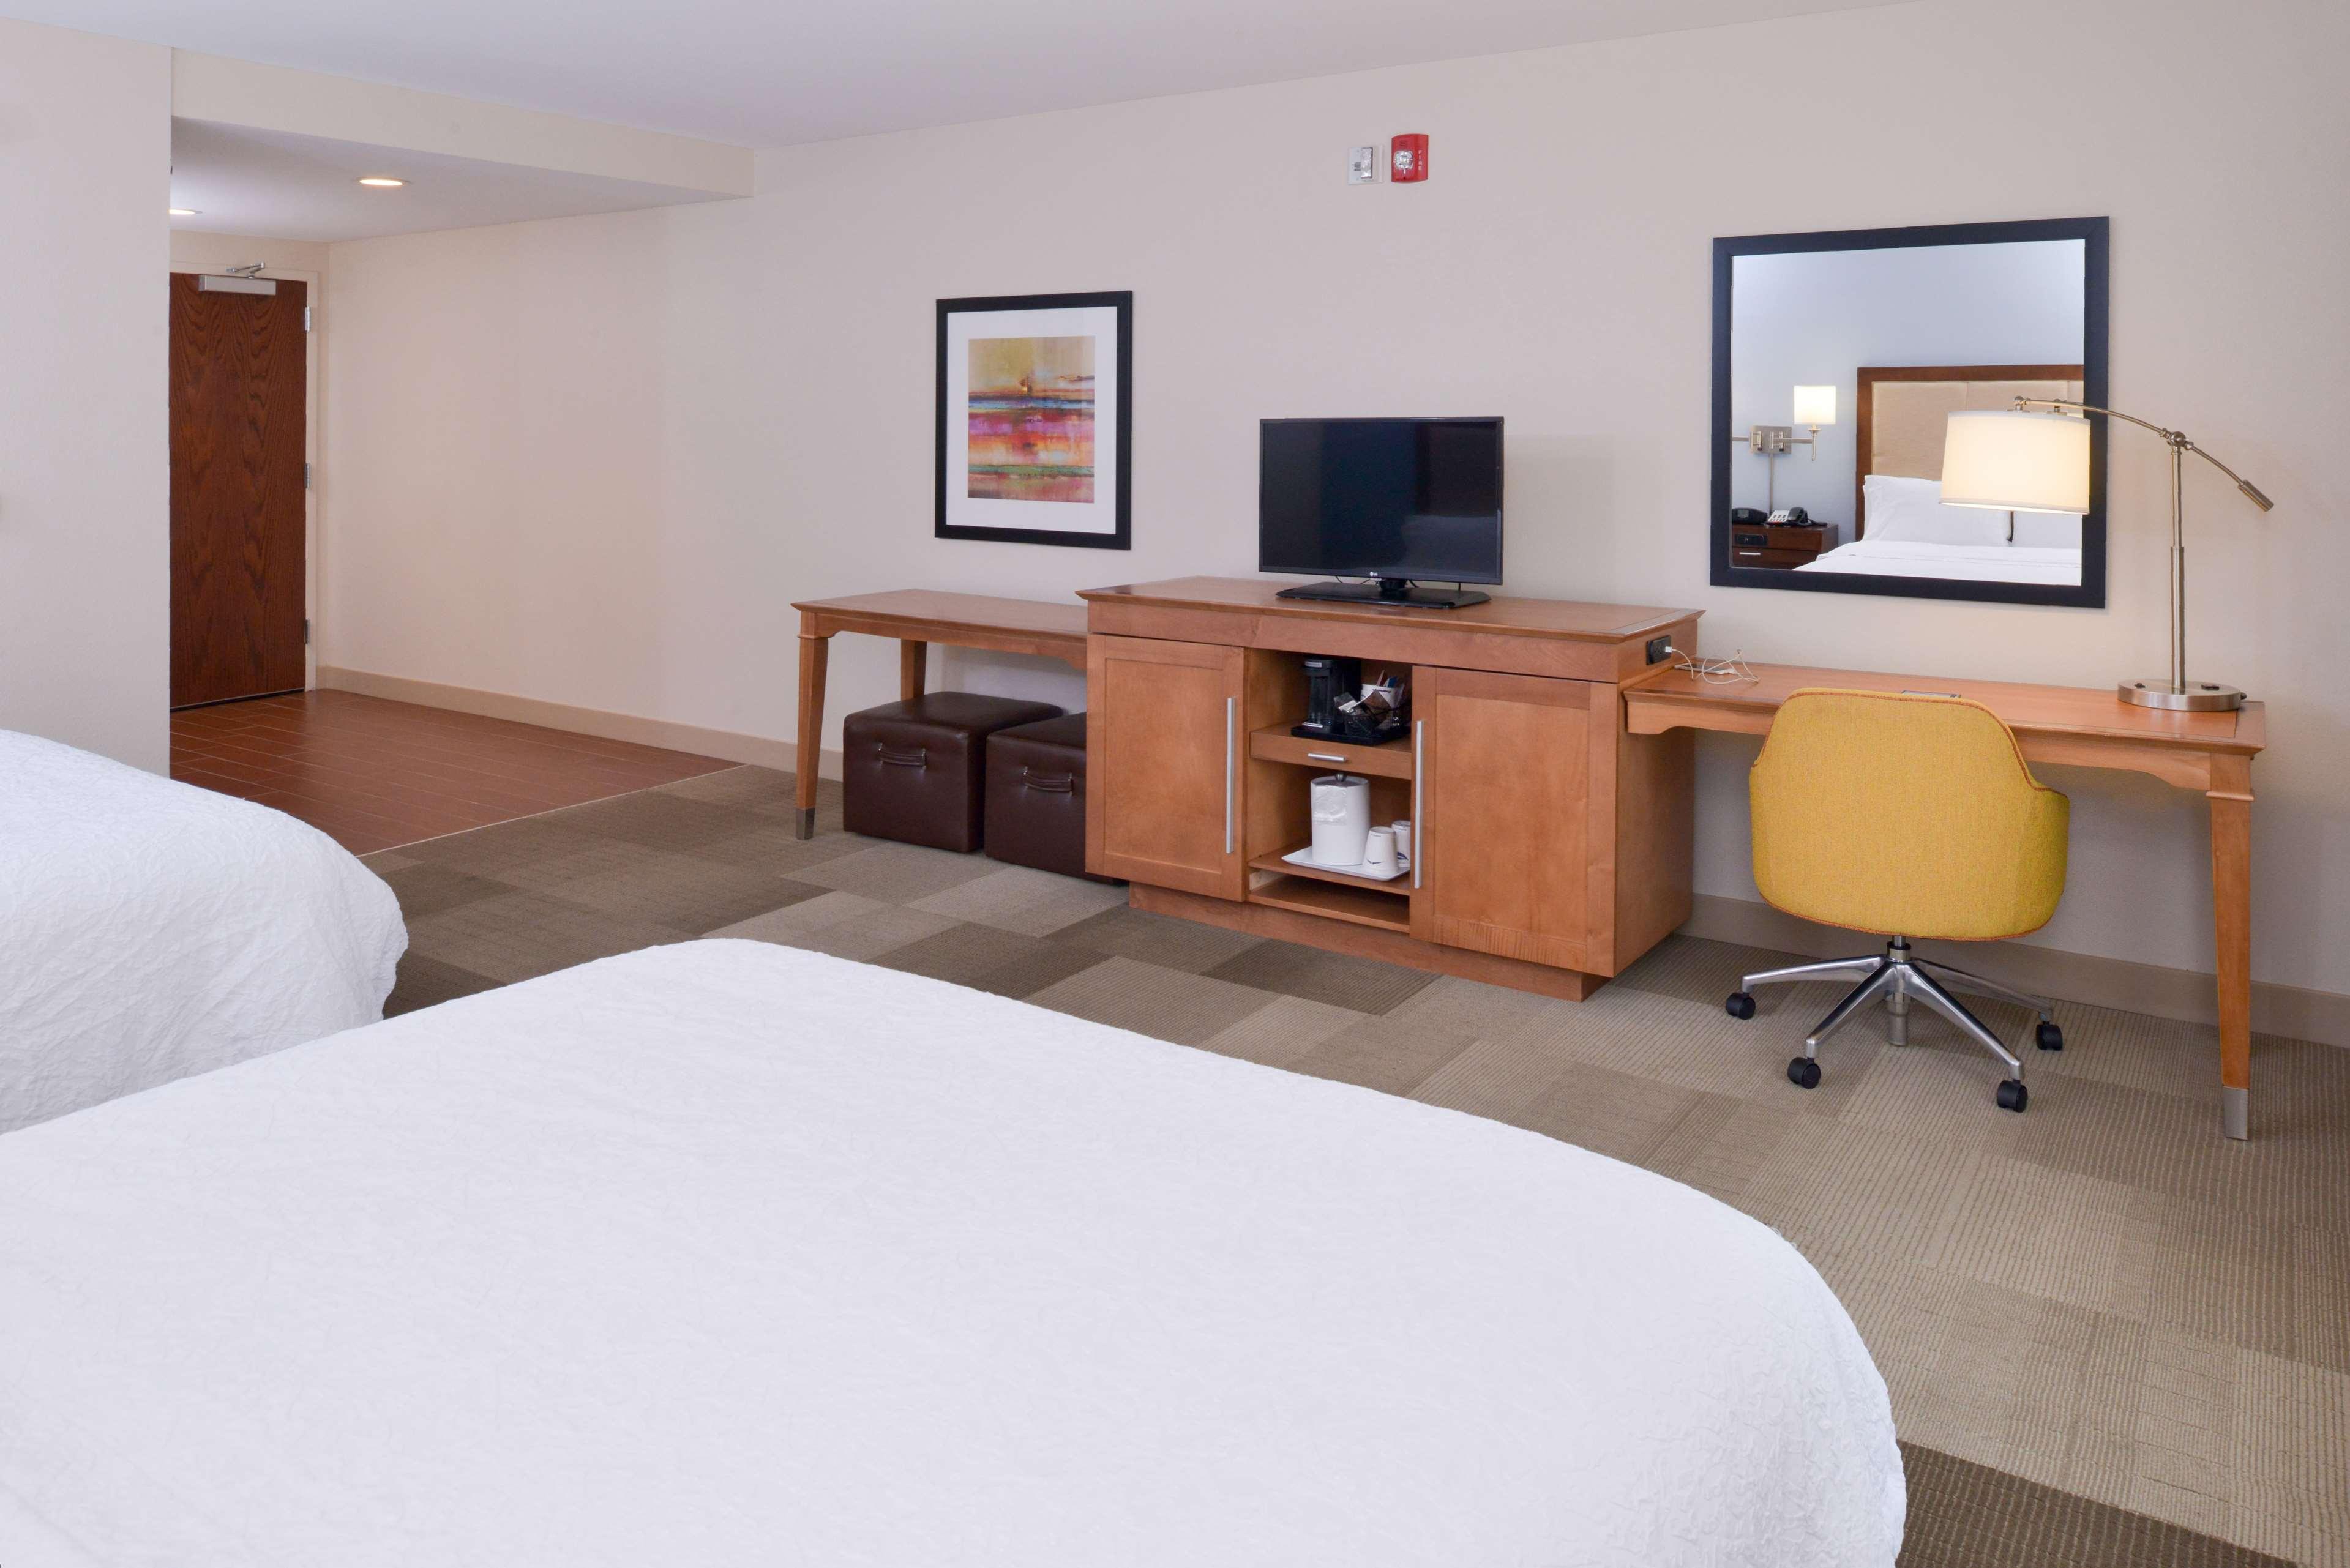 Hampton Inn & Suites Lonoke image 28